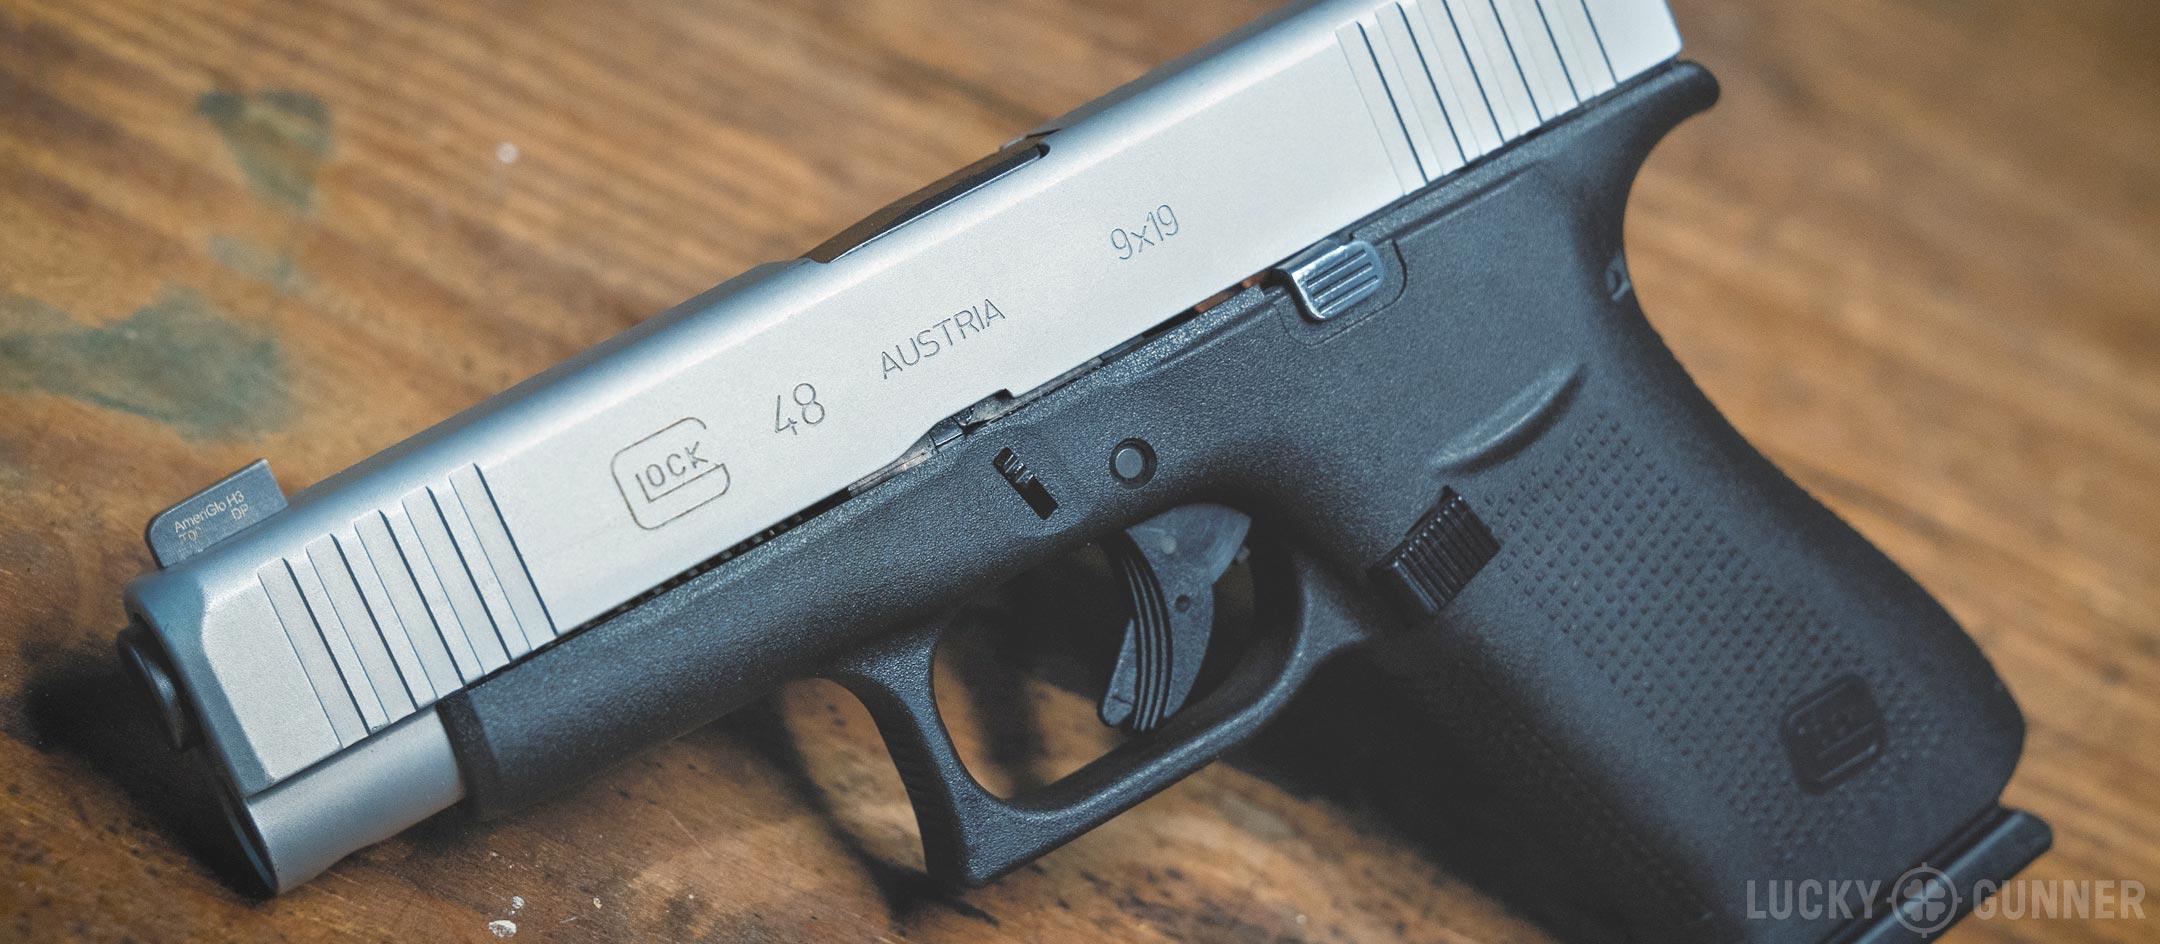 Glock 48 hero image